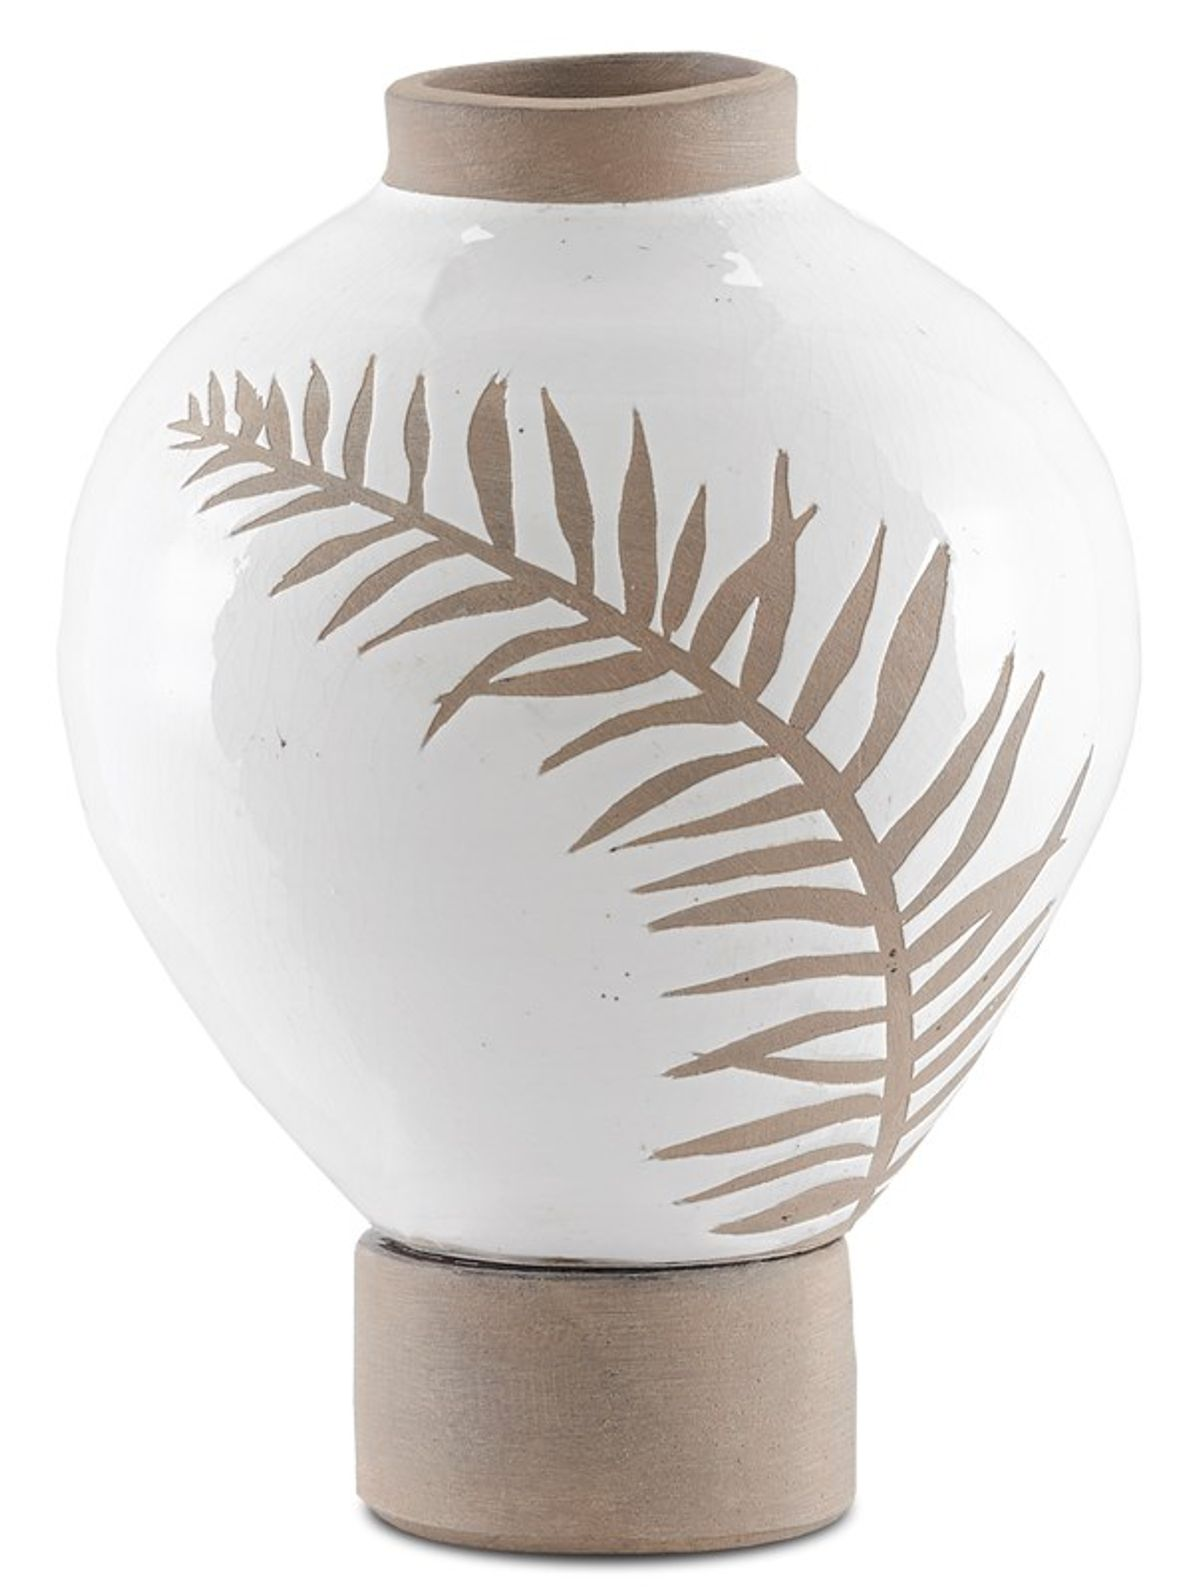 Vases & Jars 32715